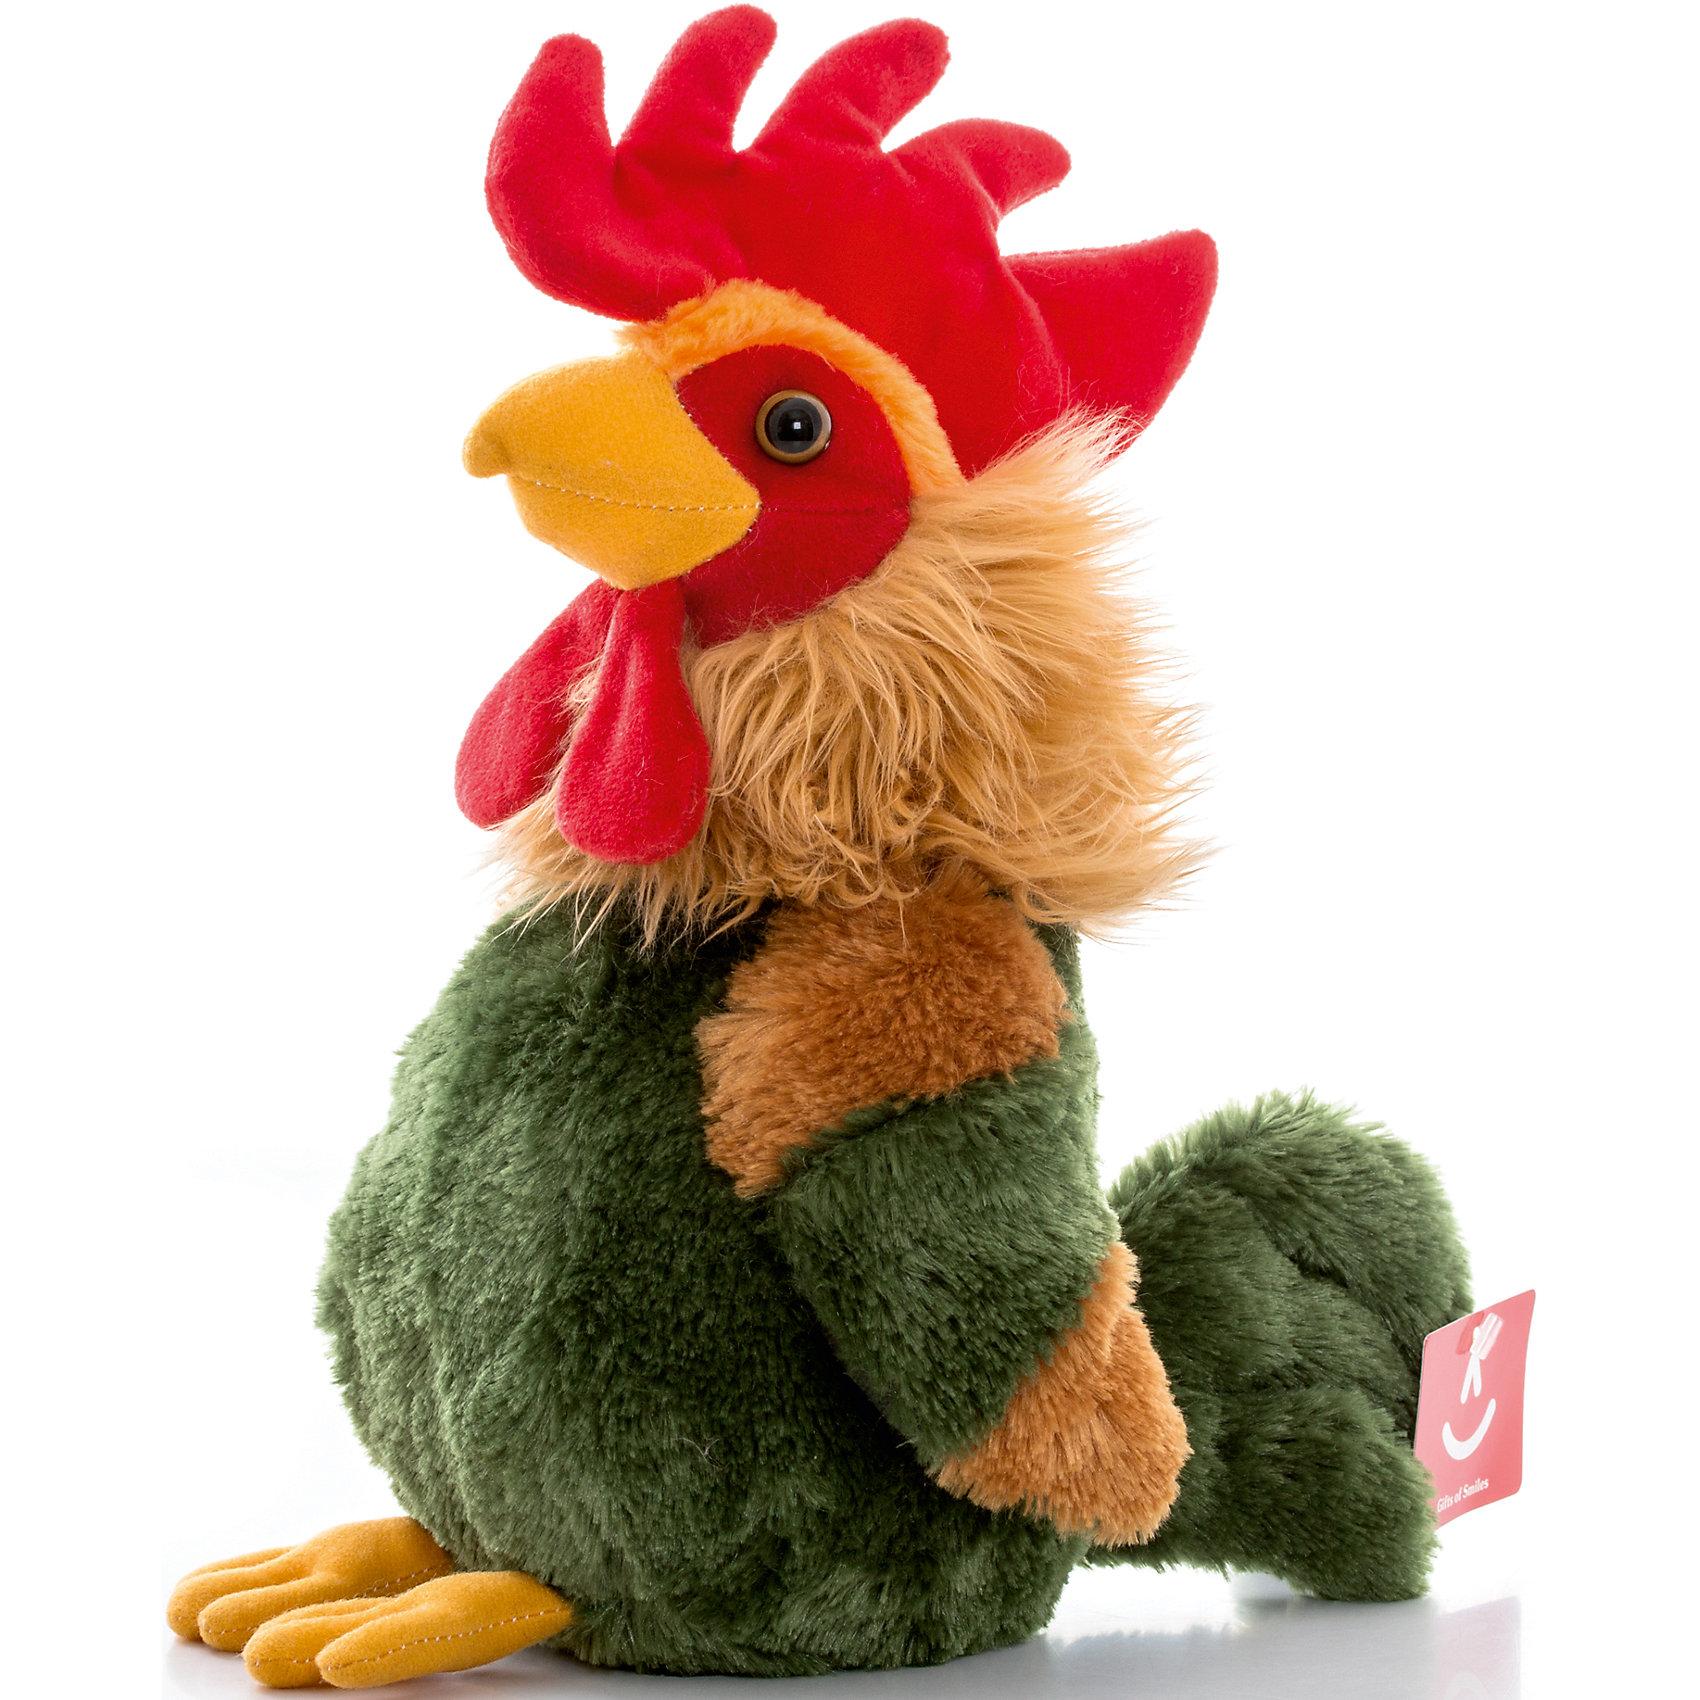 Игрушка мягкая Петушок пёстрый, 30 см, AURORAИгрушка мягкая Петушок пёстрый, 30 см, AURORA.<br><br>Характеристики:<br><br>- Высота игрушки: 30 см.<br>- Материал: плюш, текстиль<br>- Наполнитель: полиэфир<br><br>Невероятно очаровательный и милый пестрый петушок от компании Aurora станет прекрасным подарком не только детям, но и взрослым. Ведь петух символ 2017 года! Петушок выглядит очень забавно благодаря своему яркому хохолку и желтым лапкам. Мягкая, приятная на ощупь игрушка выполнена из гипоаллергенных, экологически чистых материалов, не линяет и не деформируется даже после машинной стирки. Игрушка тщательно прошита, поэтому швы изделия не будут распускаться.<br><br>Игрушку мягкую Петушок пёстрый, 30 см, AURORA купить в нашем интернет-магазине.<br><br>Ширина мм: 100<br>Глубина мм: 140<br>Высота мм: 90<br>Вес г: 310<br>Возраст от месяцев: 36<br>Возраст до месяцев: 2147483647<br>Пол: Унисекс<br>Возраст: Детский<br>SKU: 5163437